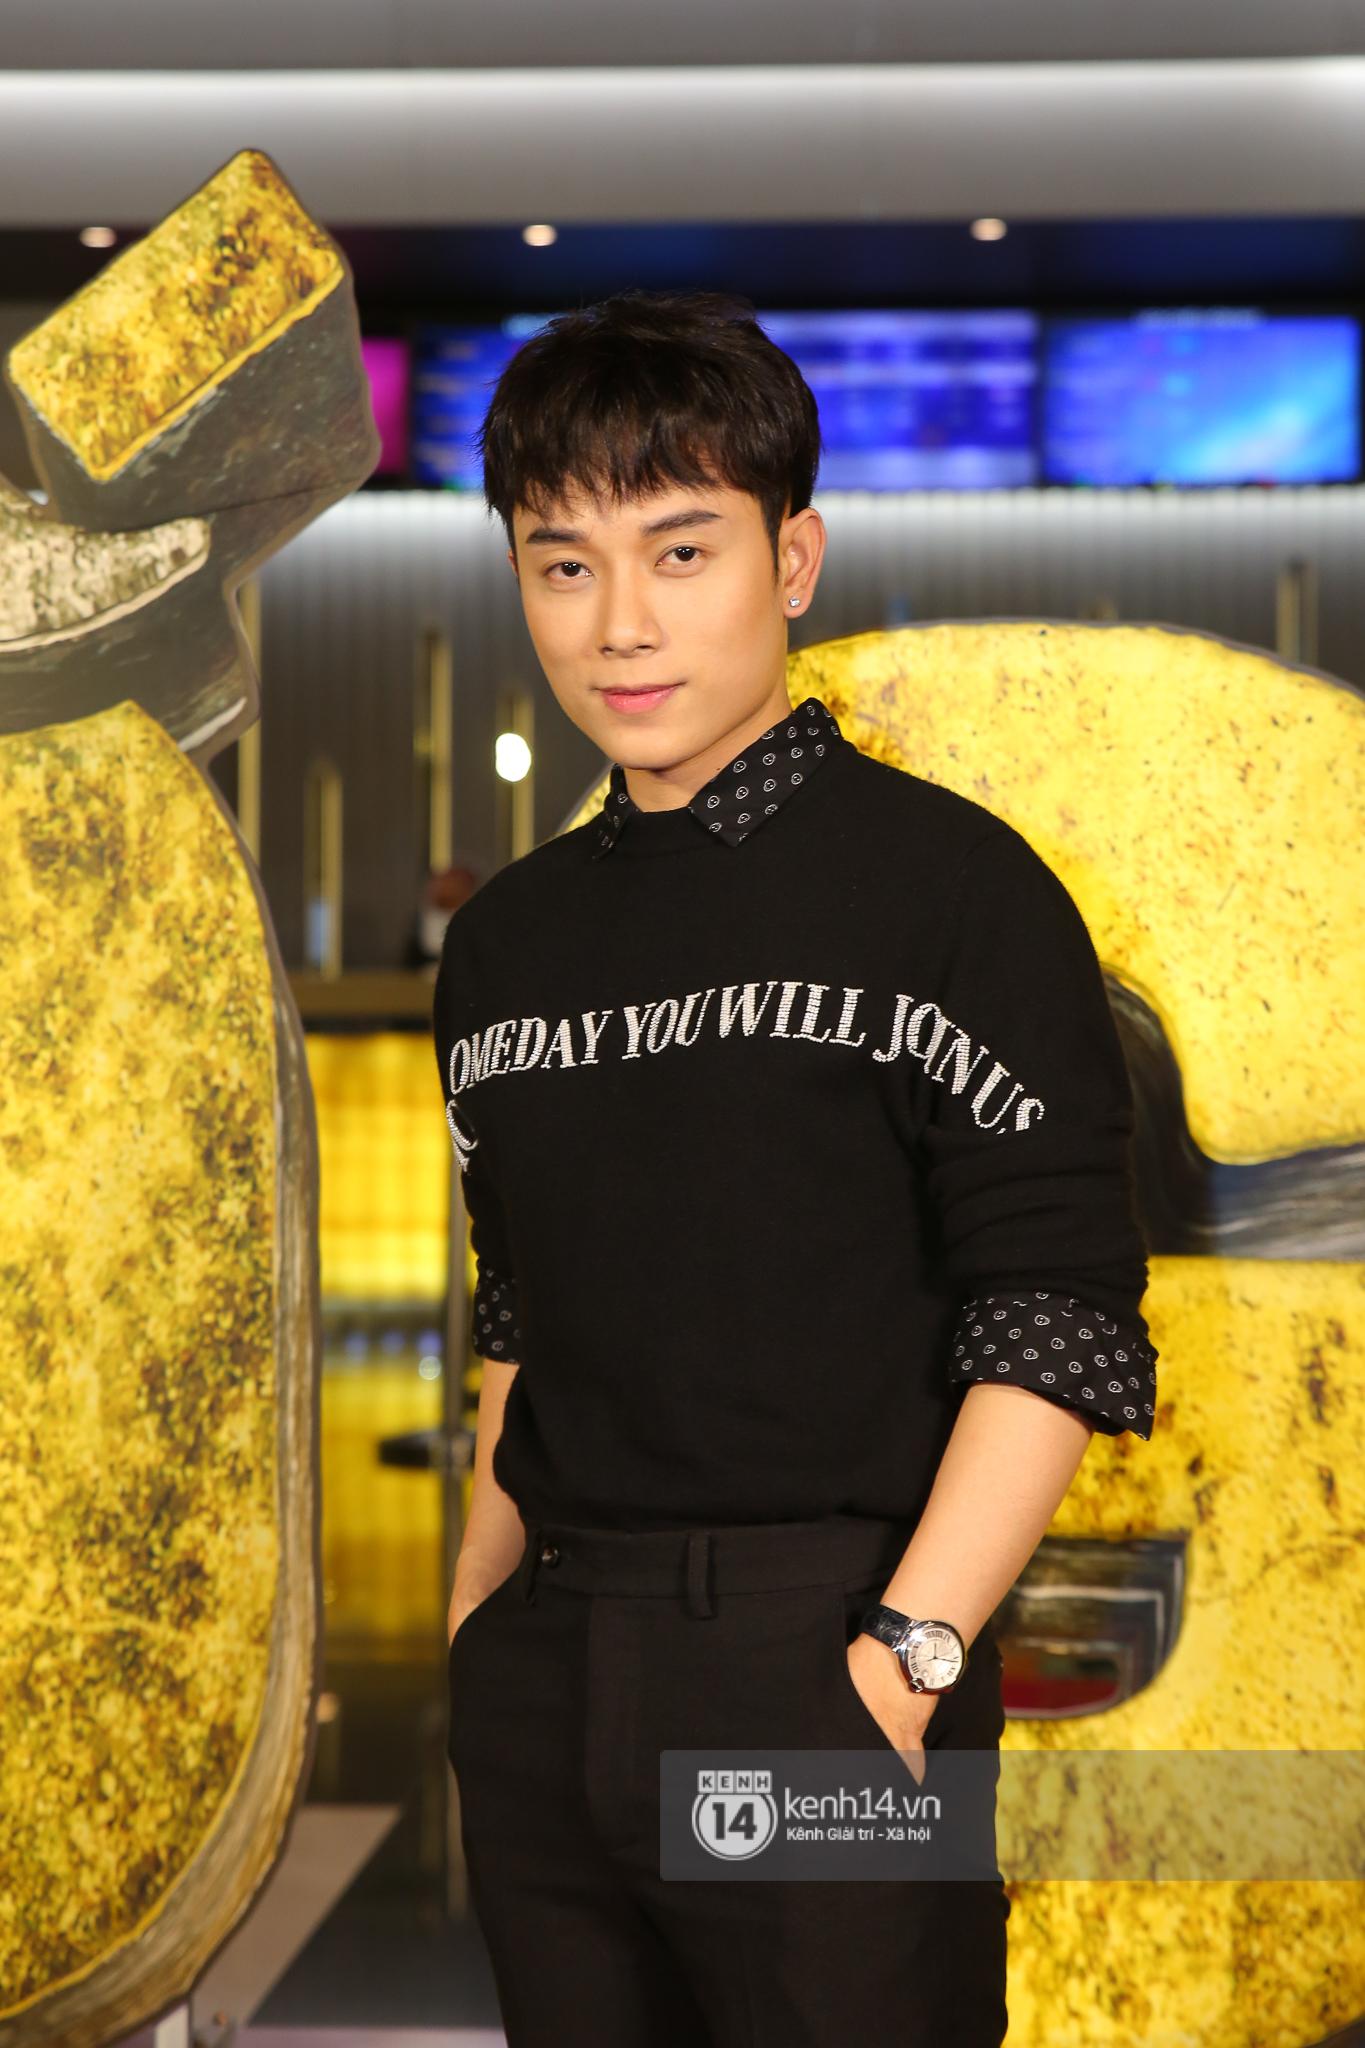 Cặp đôi nhà Đông Nhi, Lệ Quyên thi nhau show ân ái không kém cạnh Trấn Thành - Hariwon ở siêu thảm đỏ Bố Già - Ảnh 25.